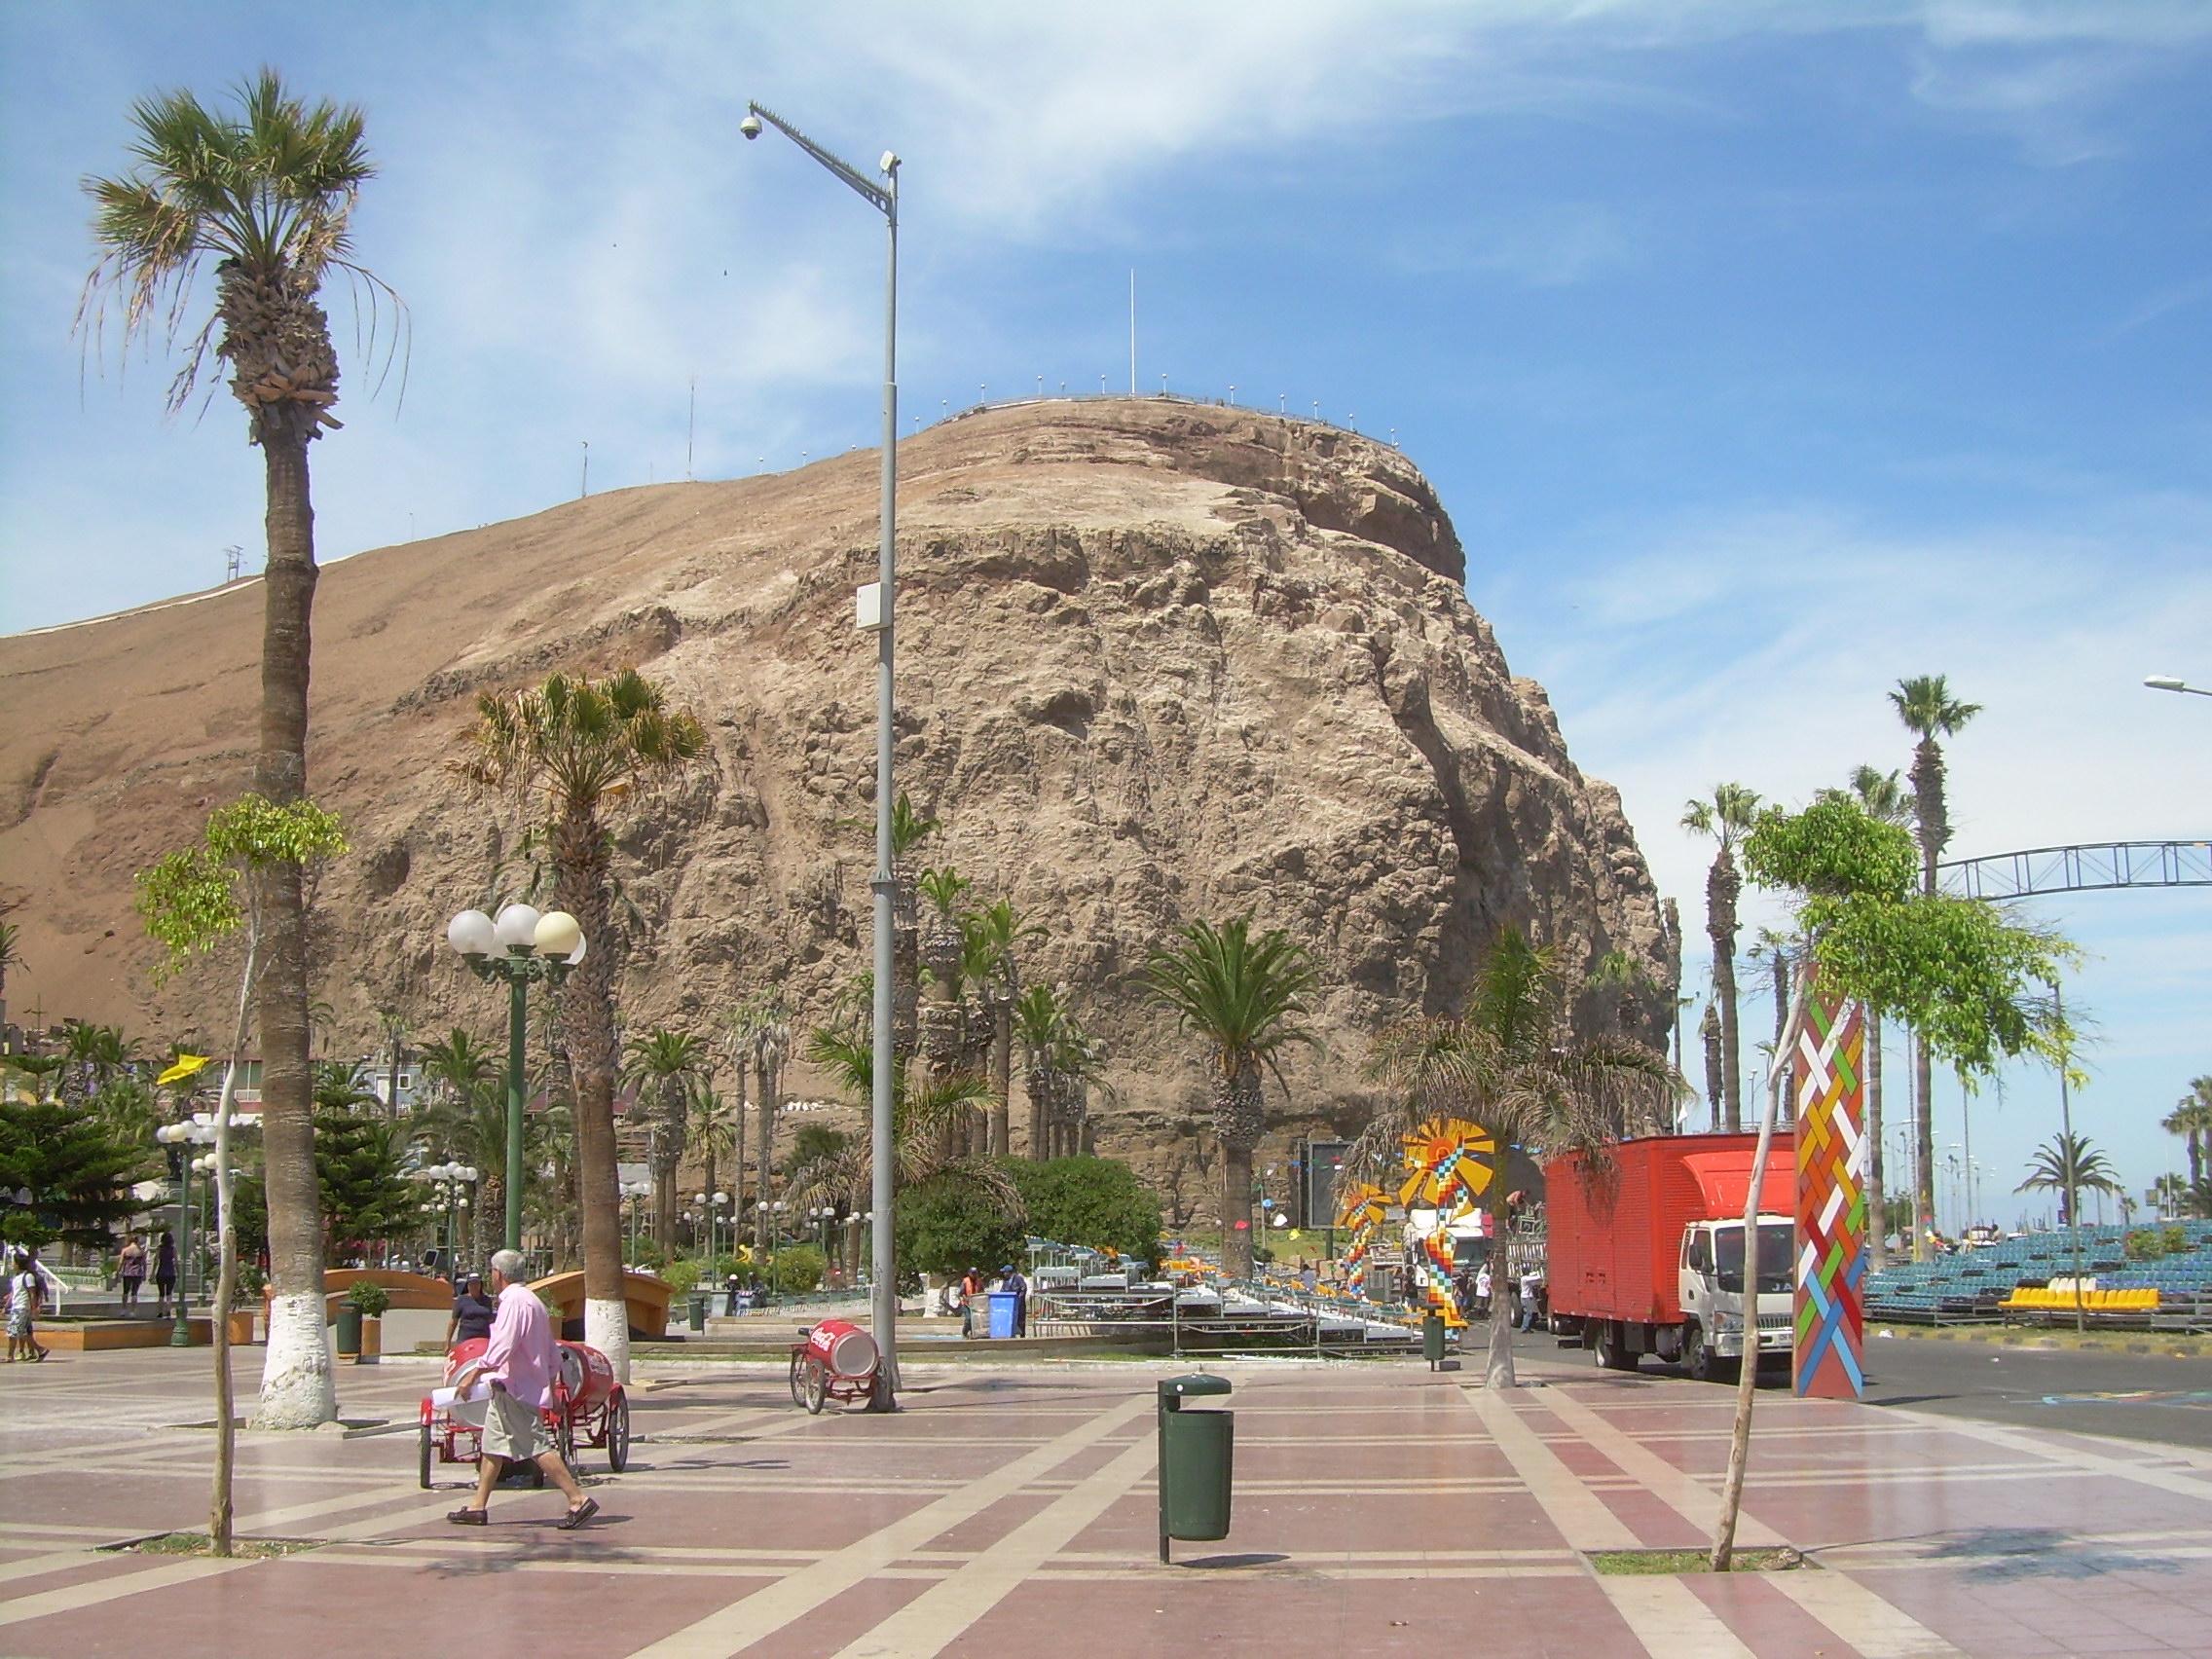 Lugares donde se puede conocer gente chica latina Torrevieja-83161